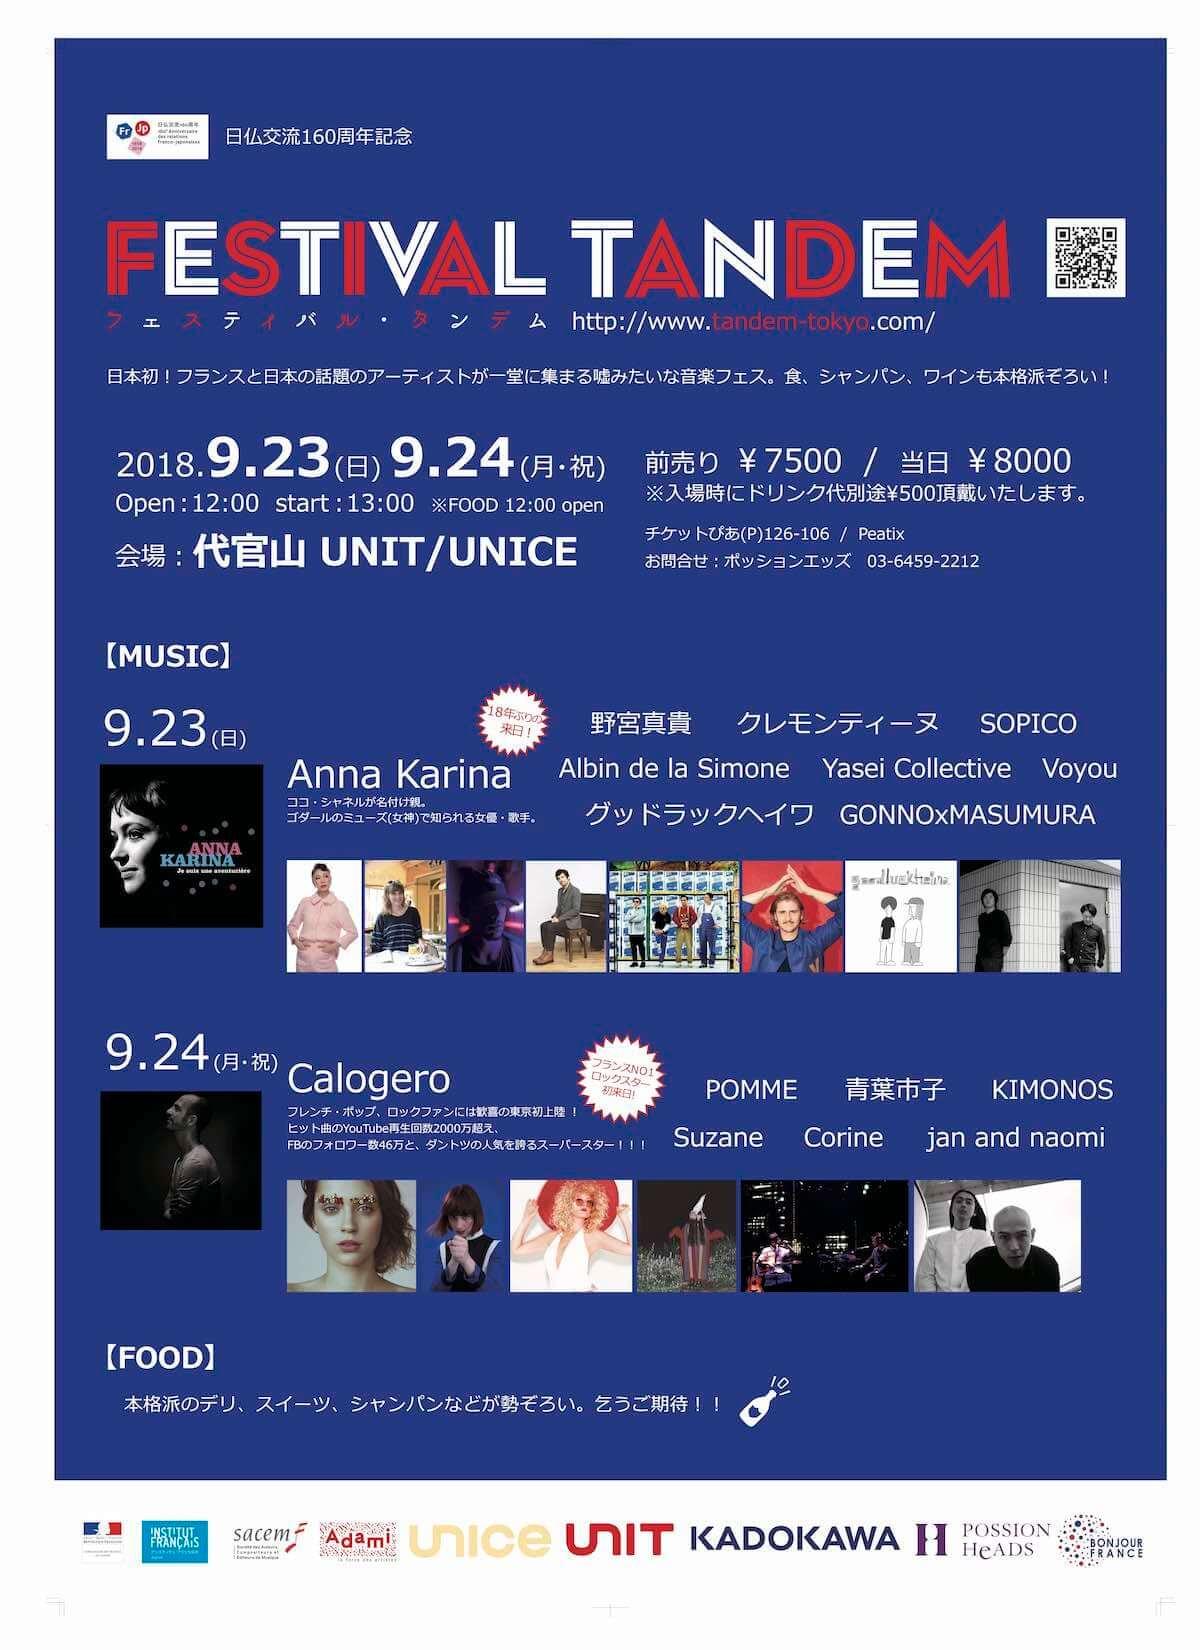 日仏交流160周年を記念して開催される海外交流コンサート『フェスティバル・タンデム』にGONNO × MASUMURAの出演が決定 music180910-gonno-masumura-2-1200x1650